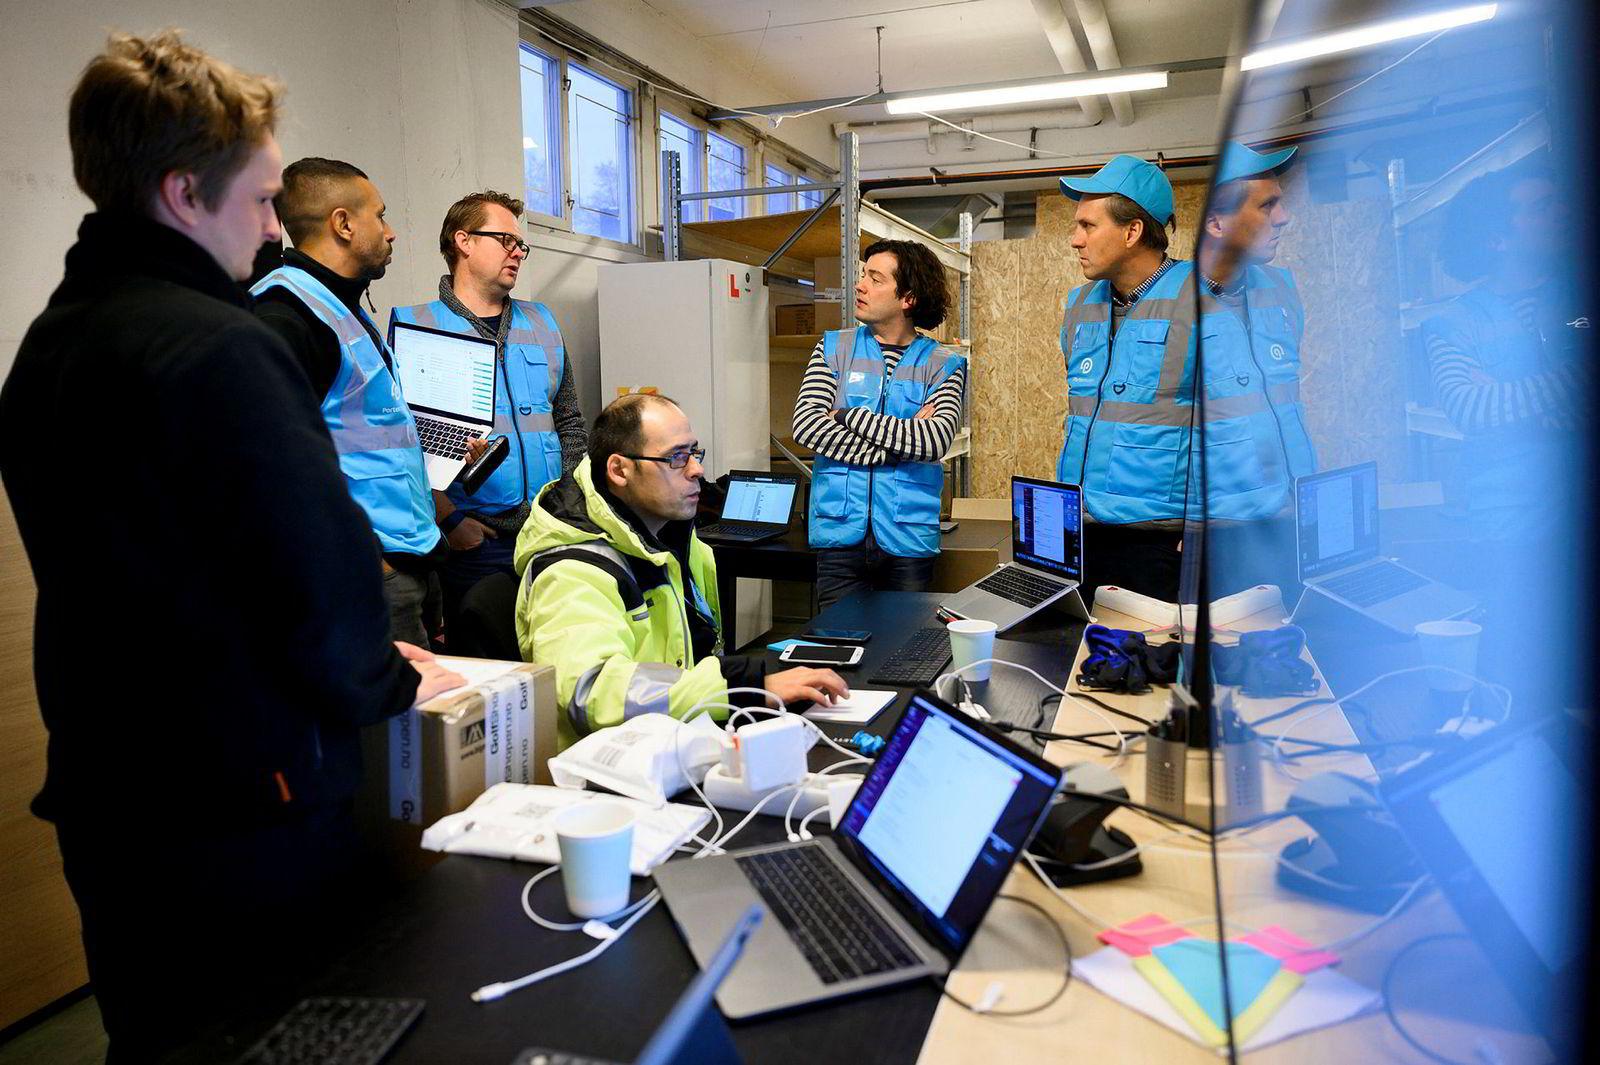 Når alle pakkene er kommet inn fra nettbutikkene, optimaliseres kjørerutene gjennom egenutviklet programvare. Fra venstre Eivind Skurdal, Thomas Vangen, Anders Sveen, Ricardo Marcos, Andrew Vance og Tord Störtebecker.